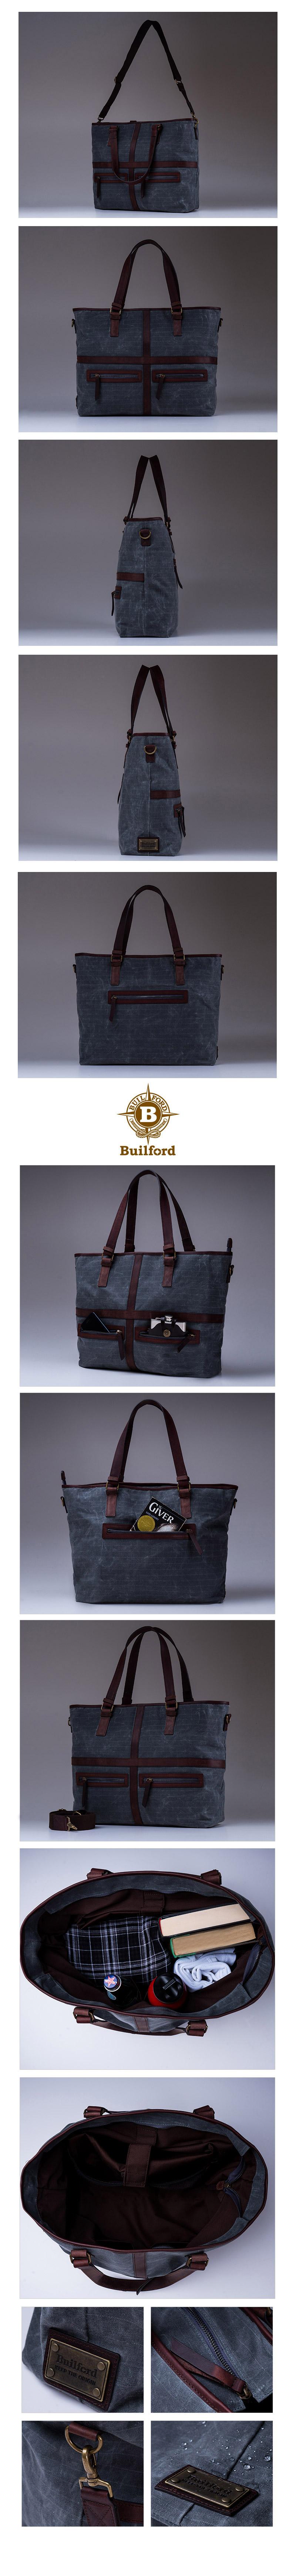 빌포드(BUILFORD) [빌포드] [Builford] May Vintage Tote Bag - Charcoal Grid